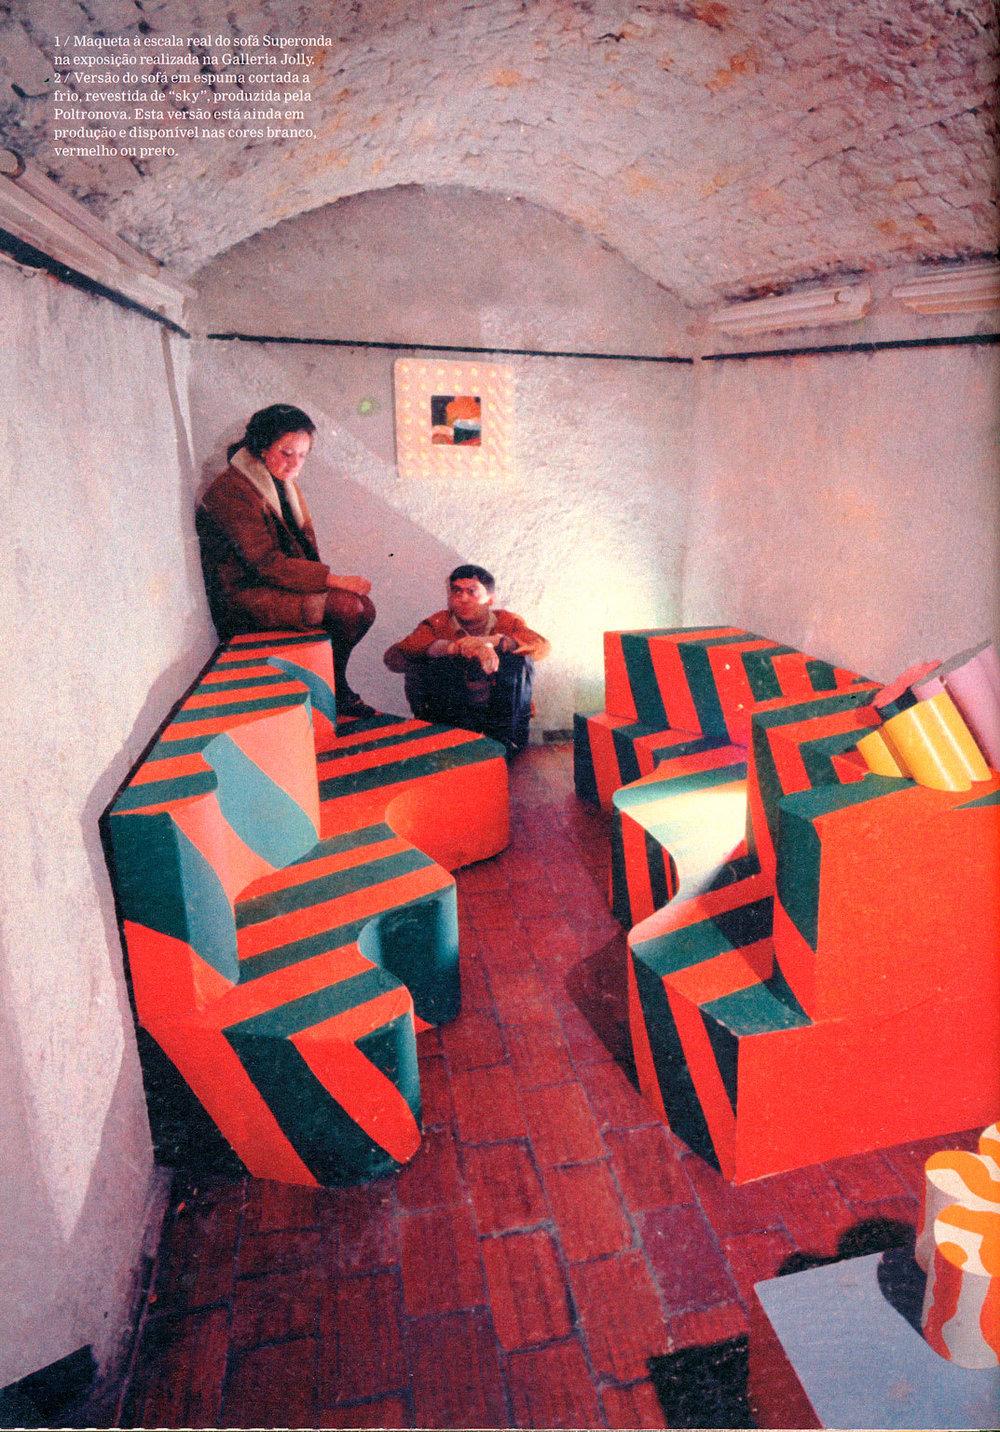 Выставка Superarchitettura в галерее Jolly2, Пистойя, 1966